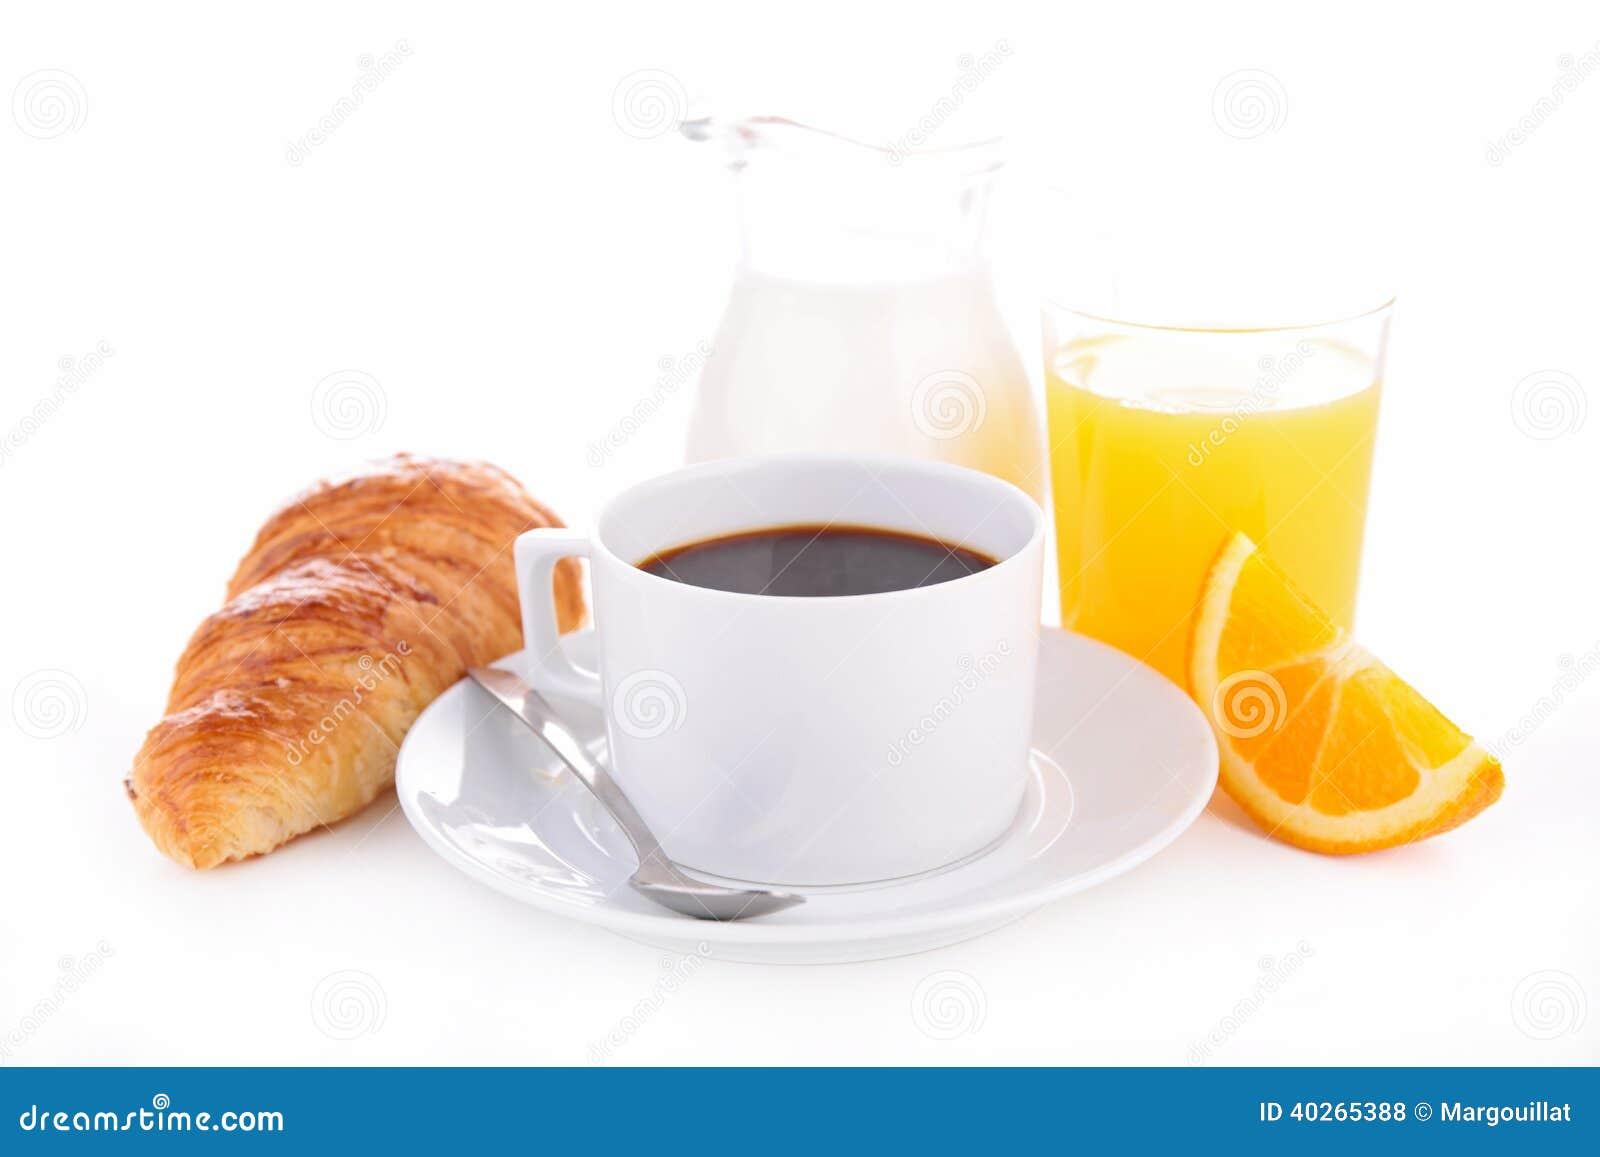 Kaffee, Hörnchen und Orangensaft